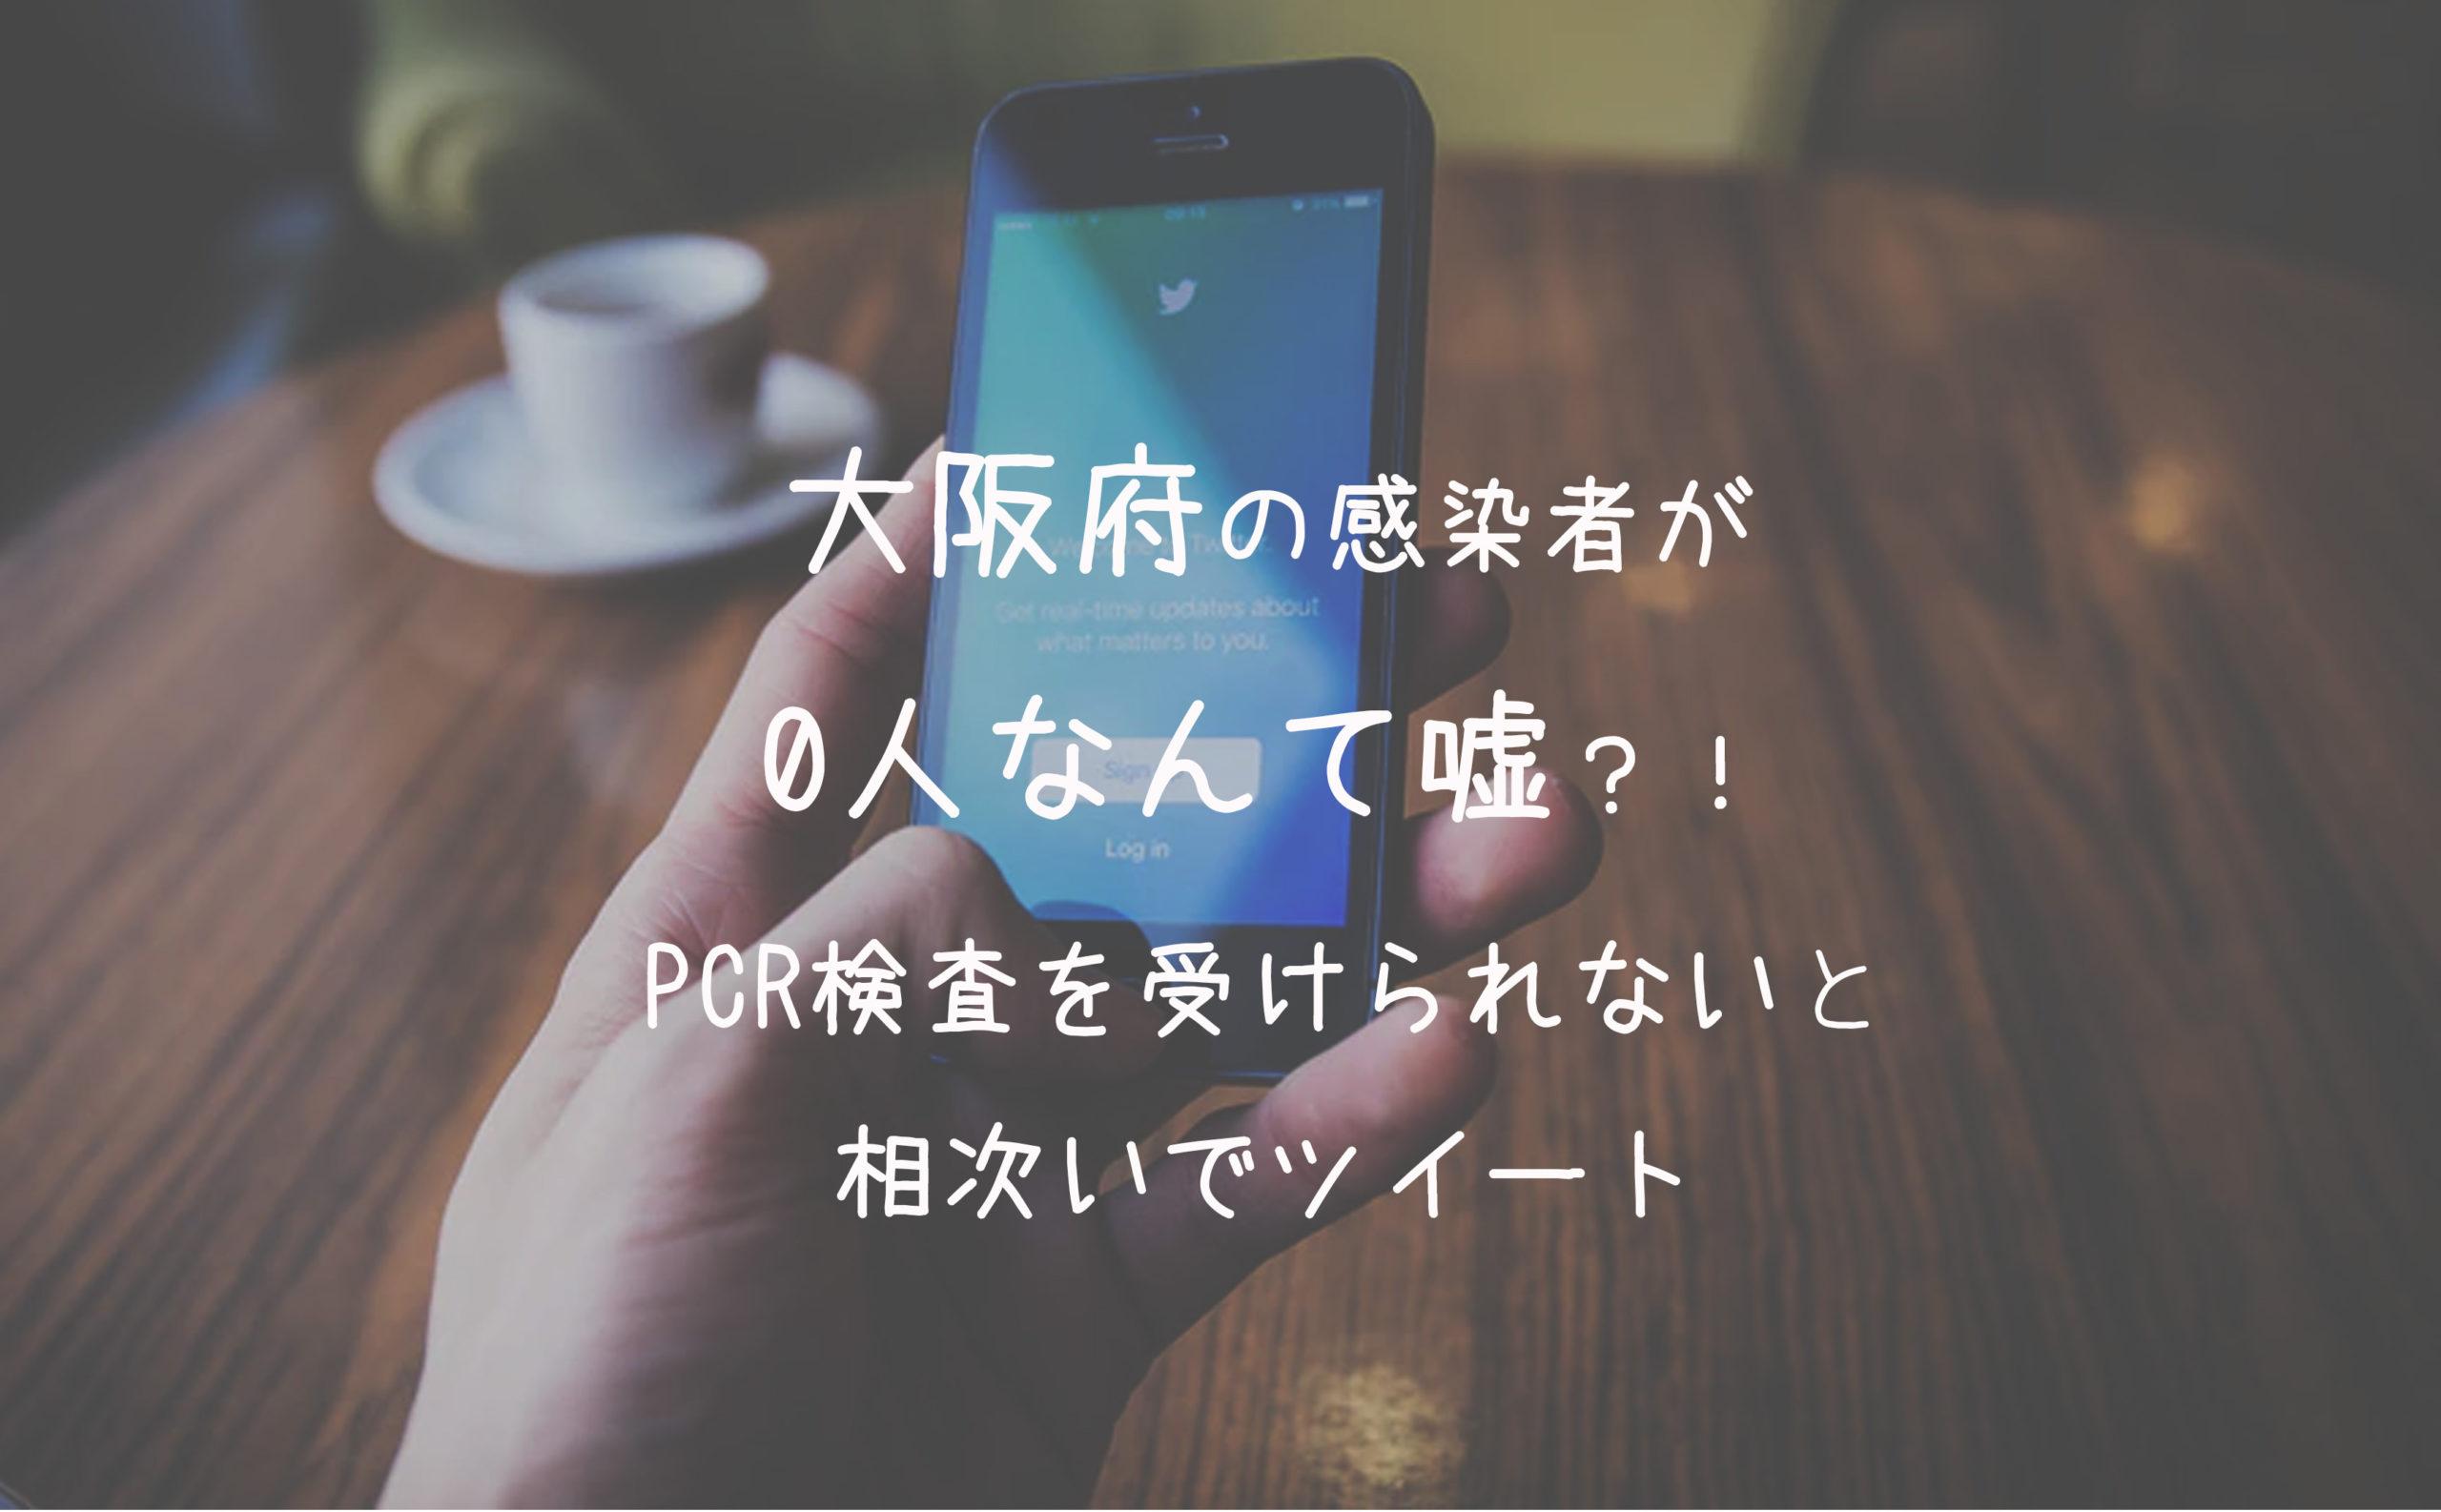 大阪府の感染者が0人なんて嘘?!【PCR検査を受けられないと相次いでツイート】